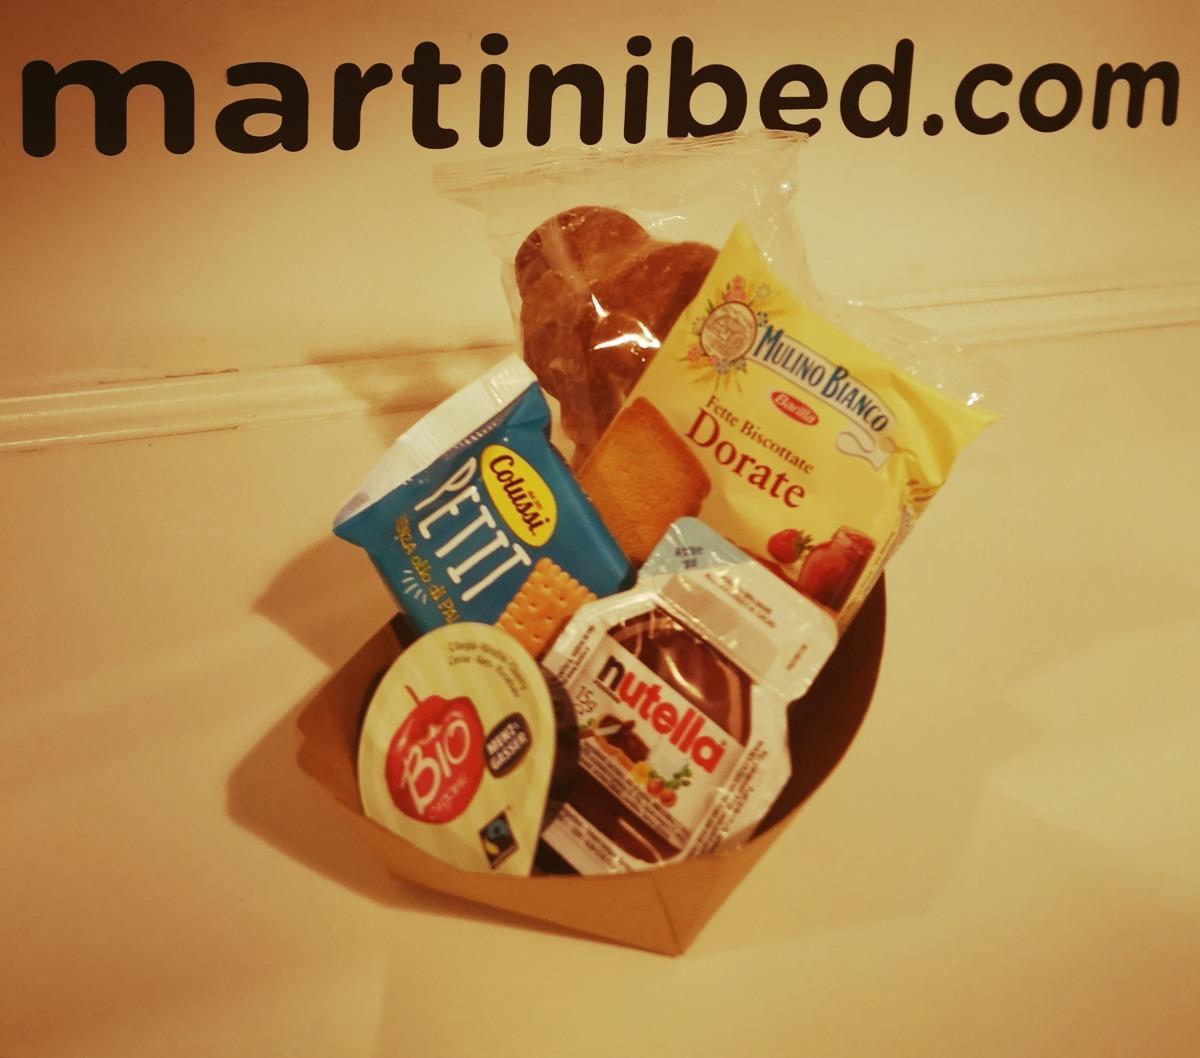 La colazione di MARTINI BED